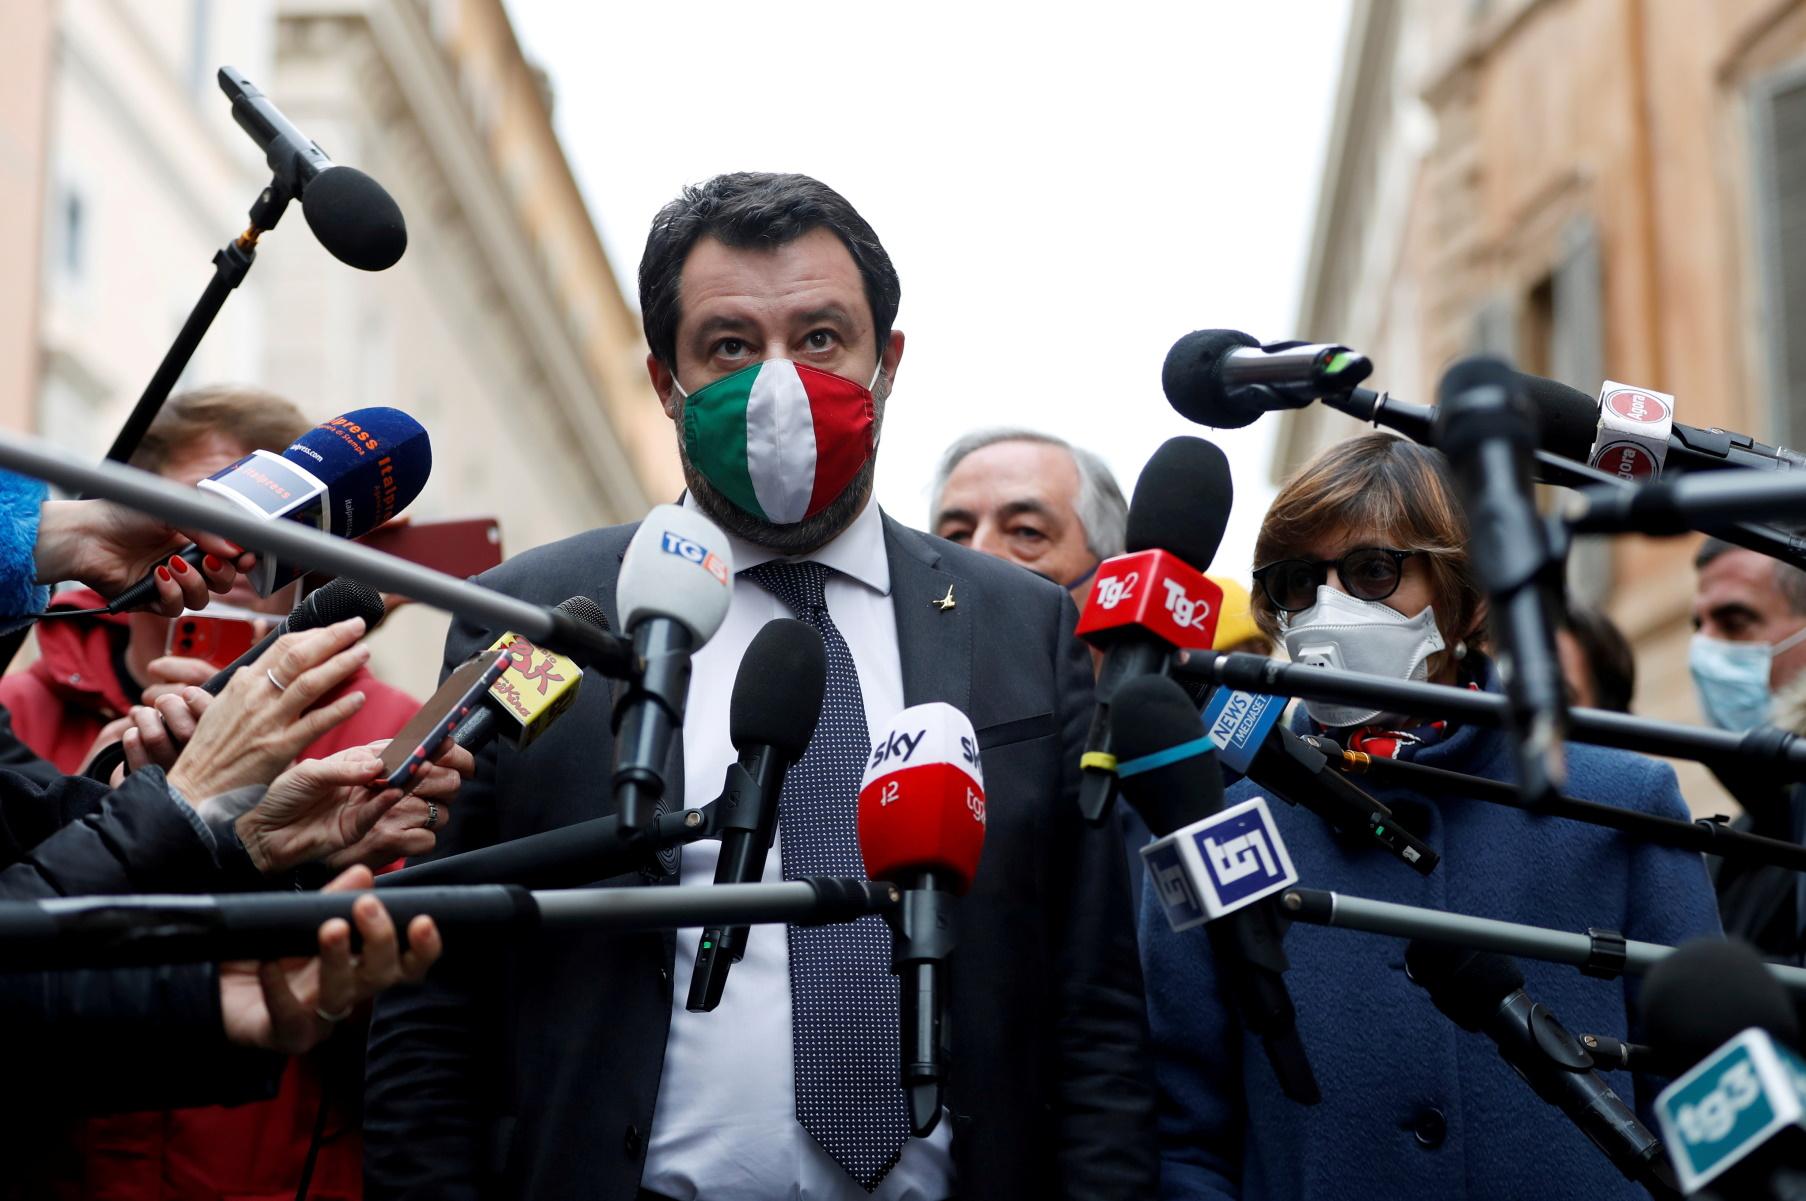 Ιταλία: Την «γλίτωσε» ο Σαλβίνι – Δεν παραπέμπεται σε δίκη για την υπόθεση με τους μετανάστες